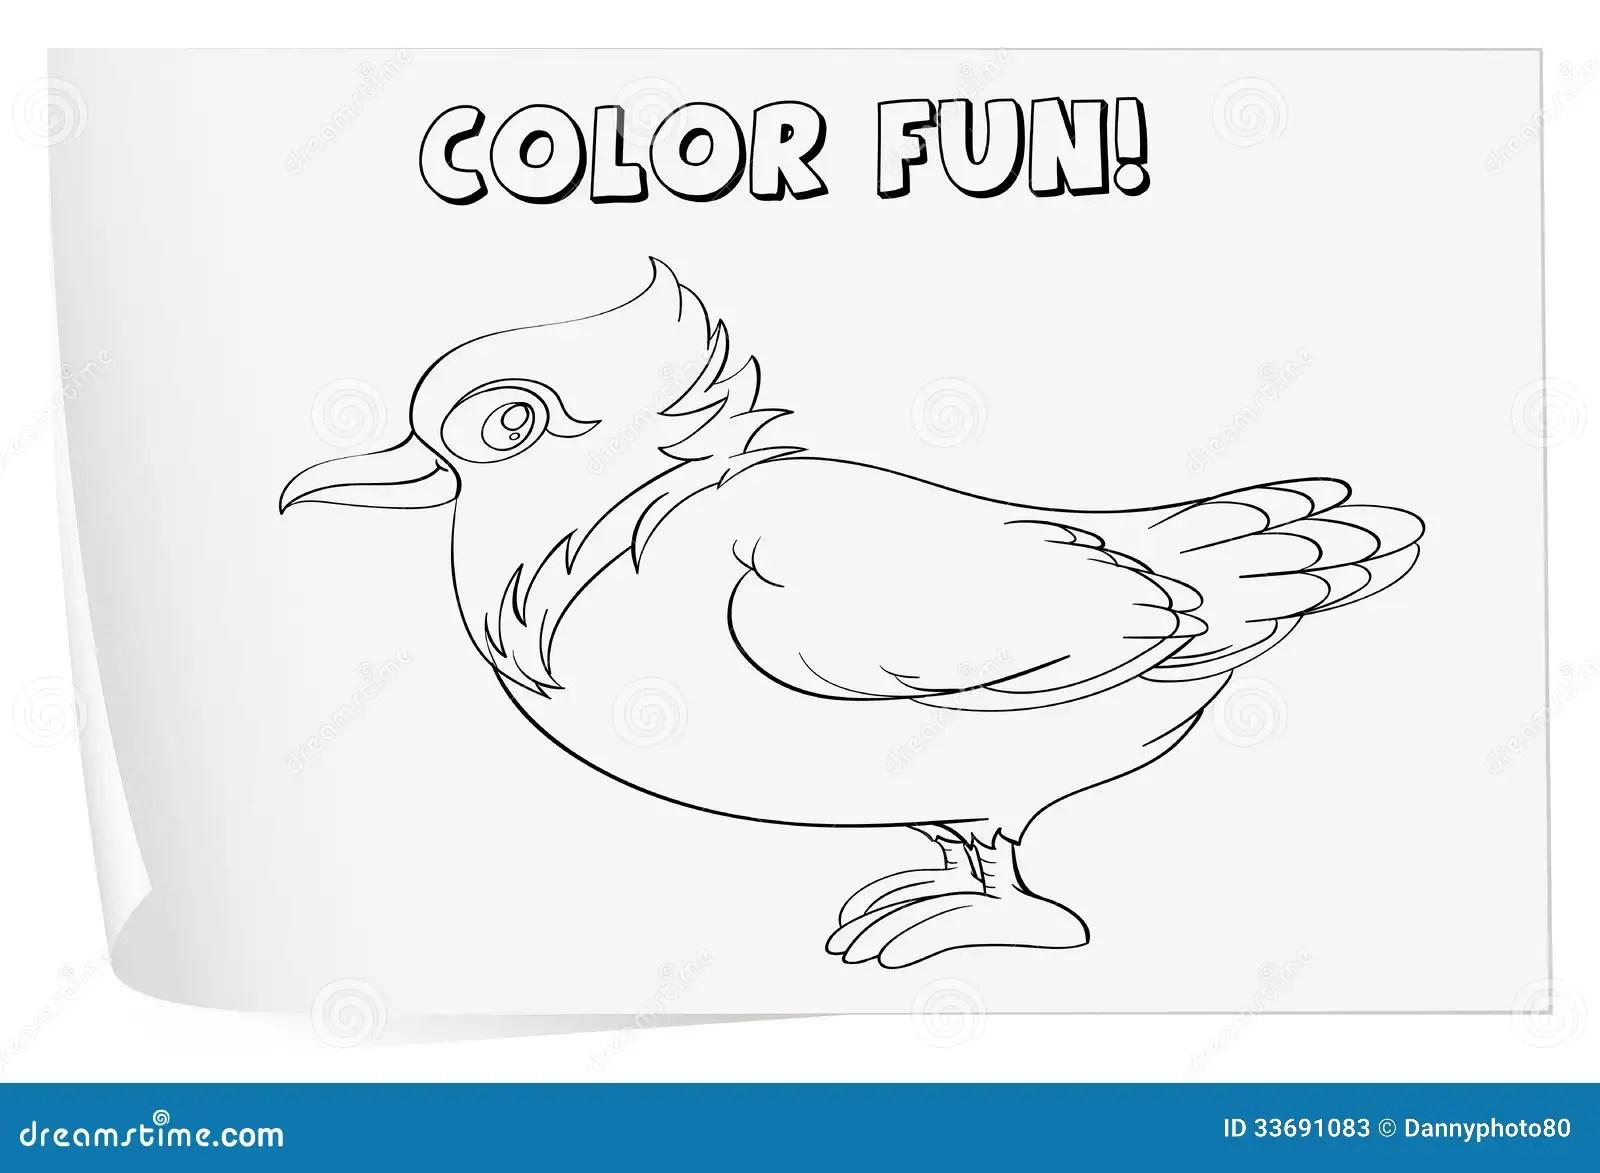 Coloring worksheet stock illustration. Illustration of